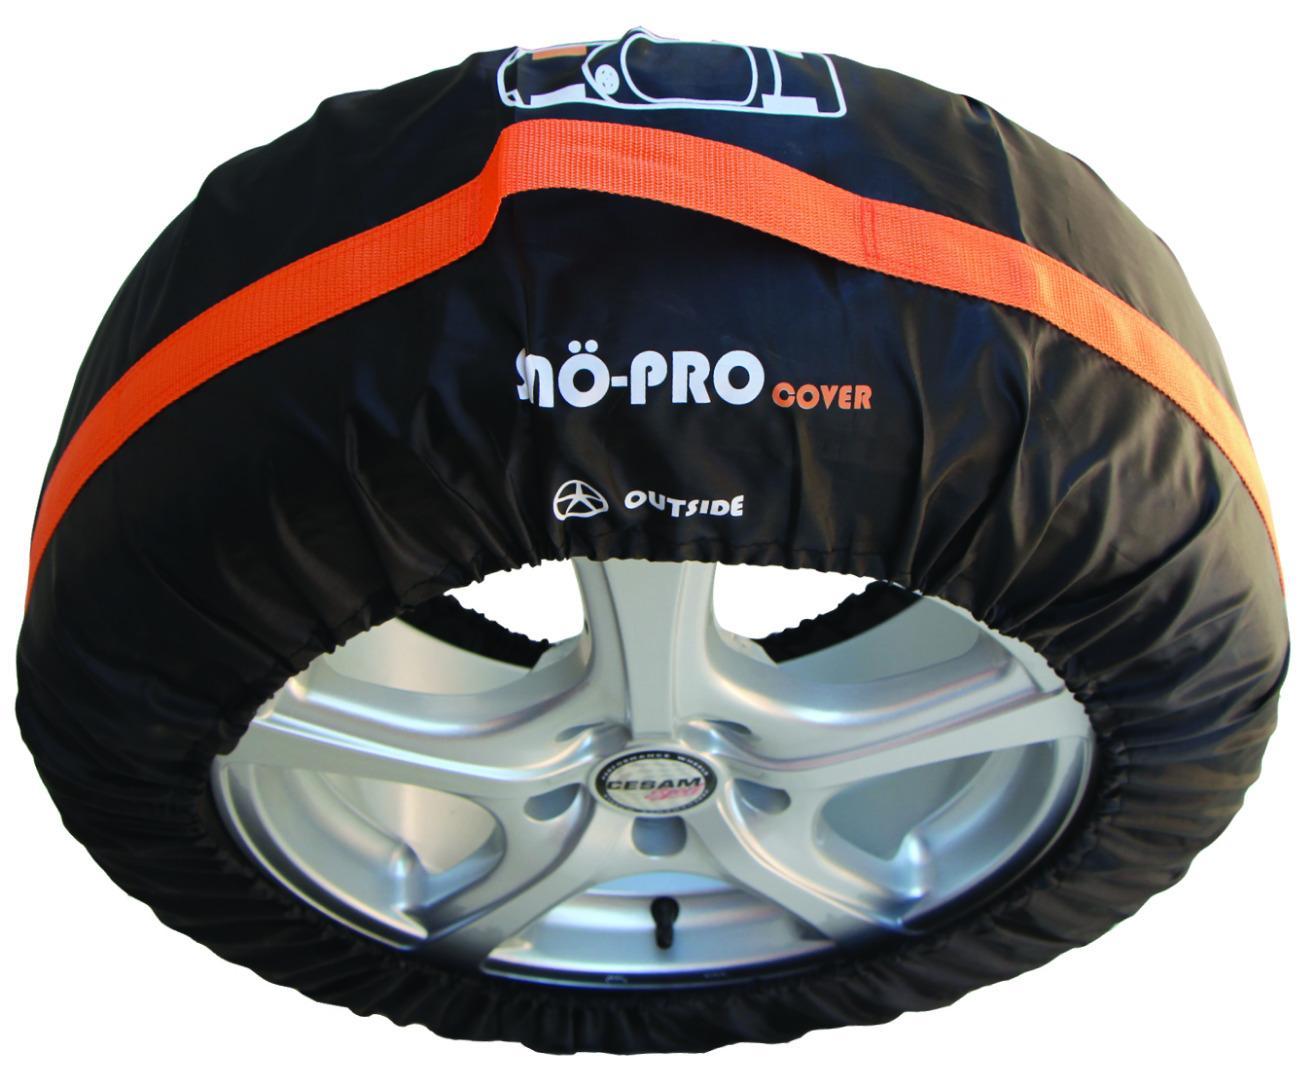 Comprare 160 SNO-PRO nero, 19Inch Copri pneumatici 160 poco costoso